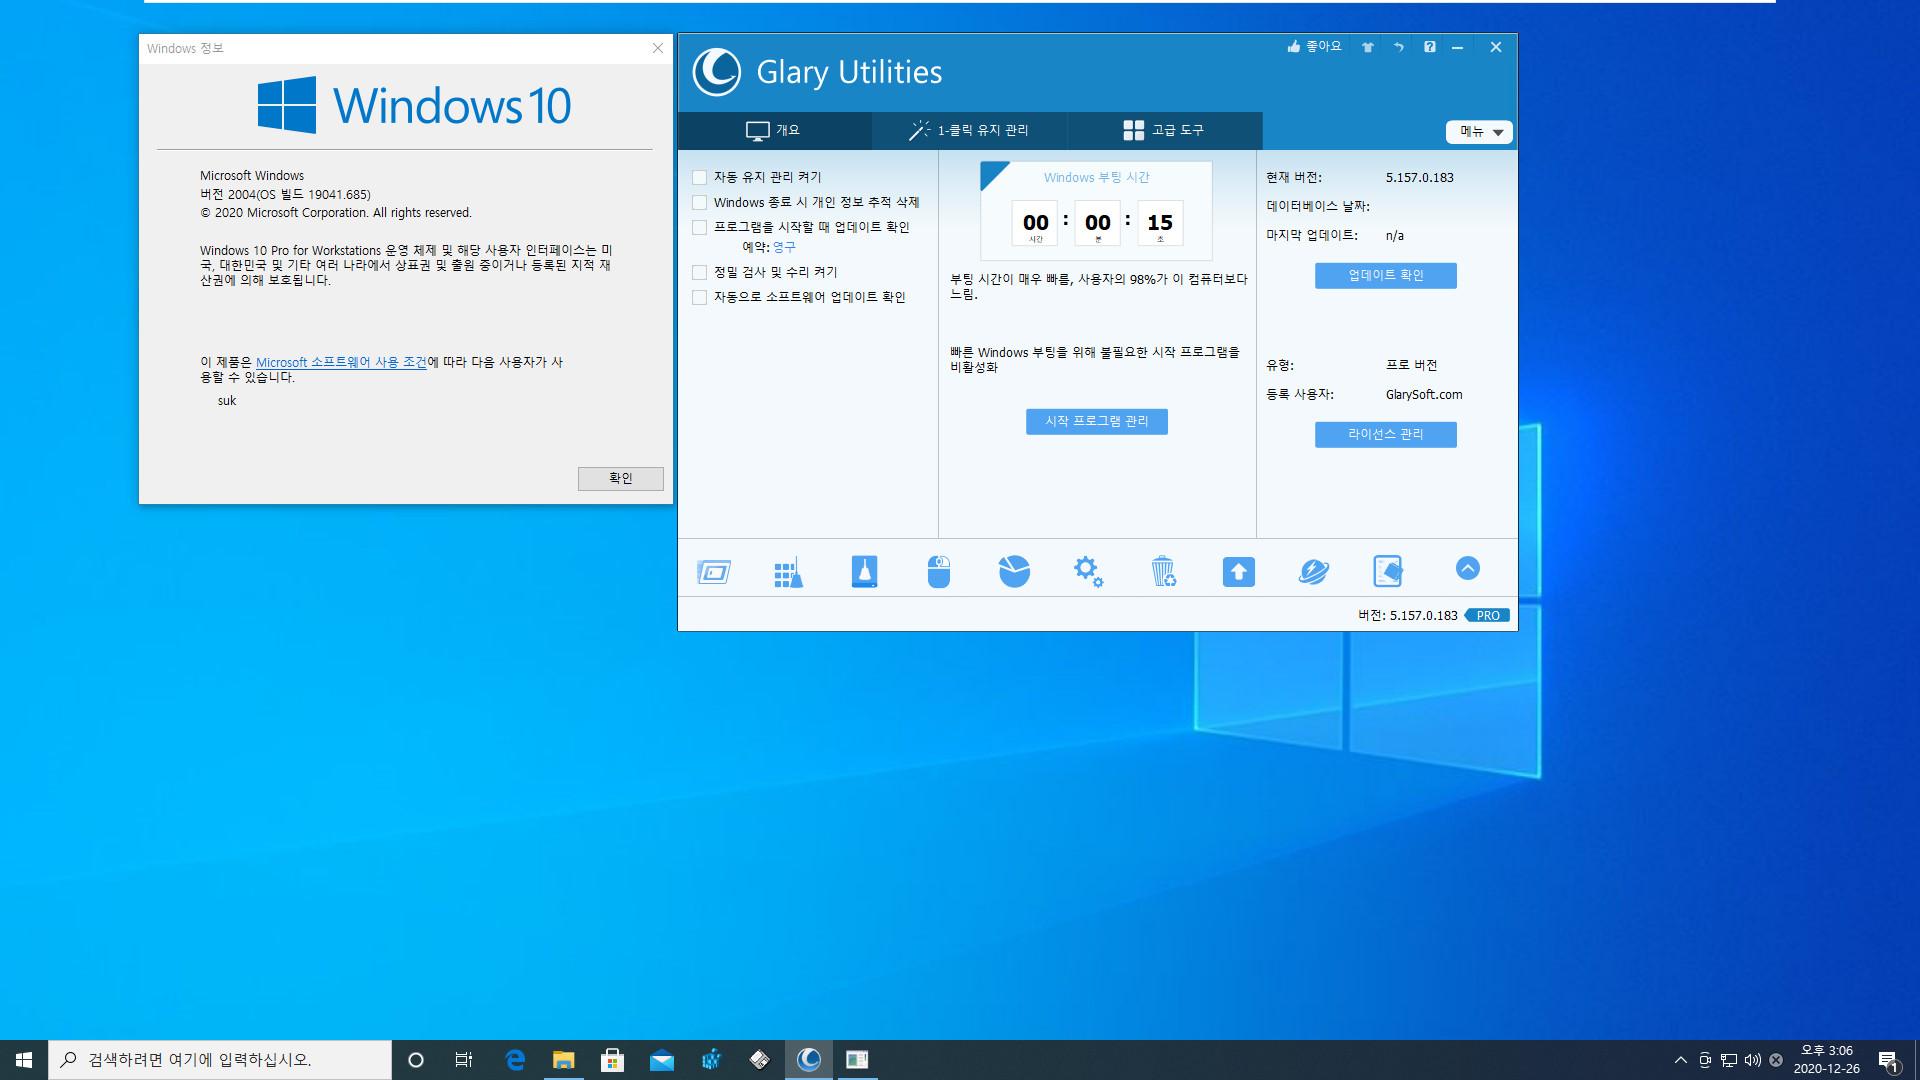 glary utilities의 윈도우 부팅 시간 테스트 - 컴퓨터 종료하고 다시 부팅한 후에는 좀 더 현실적으로 15초 나왔습니다. 스톱워치로도 재고 있었는데 전원 키부터 바탕화면까지19초 나왔습니다 2020-12-26_150612.jpg